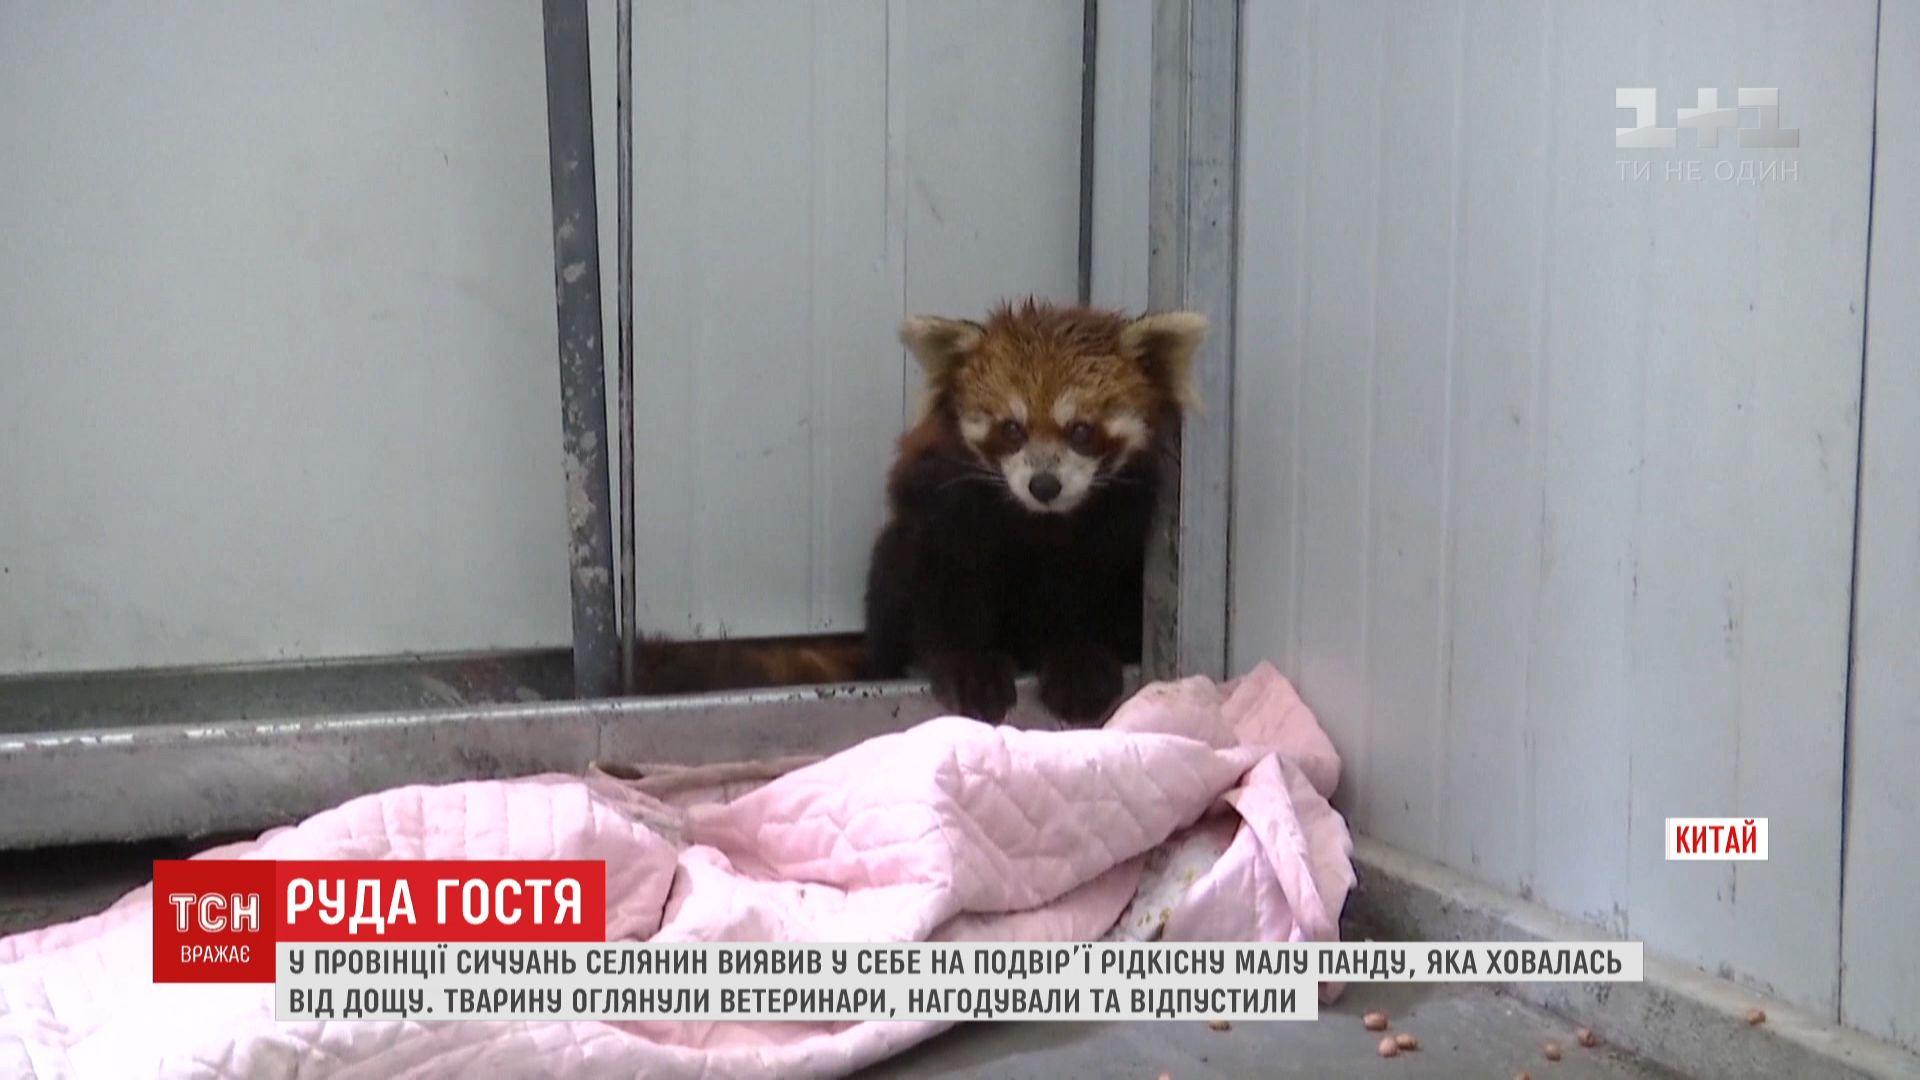 Ветеринары осмотрели животное, но никаких ранений не обнаружили / скриншот